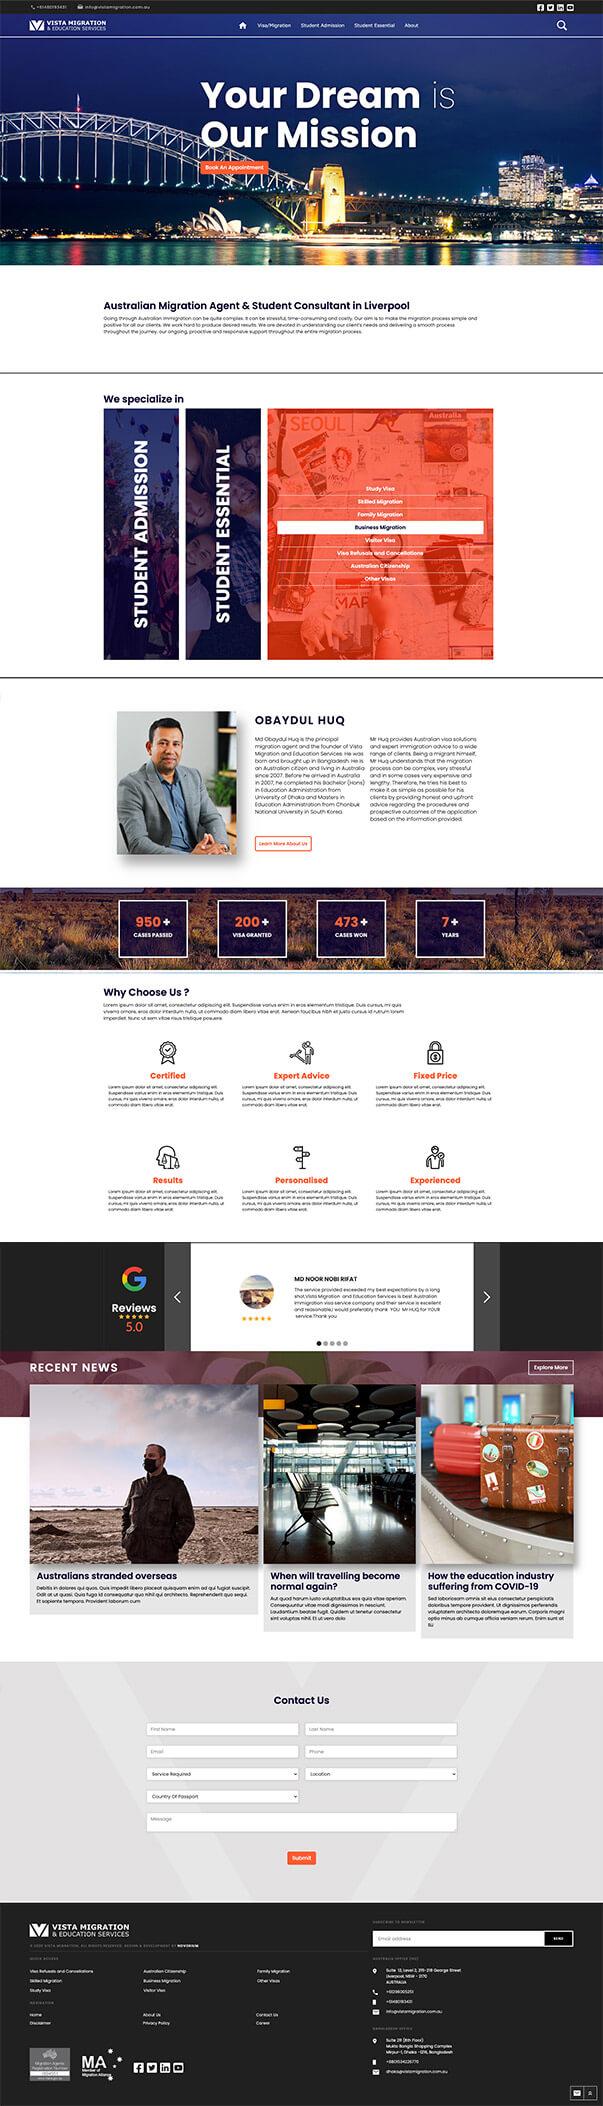 Vista Migration & Education Services website thumbnail image